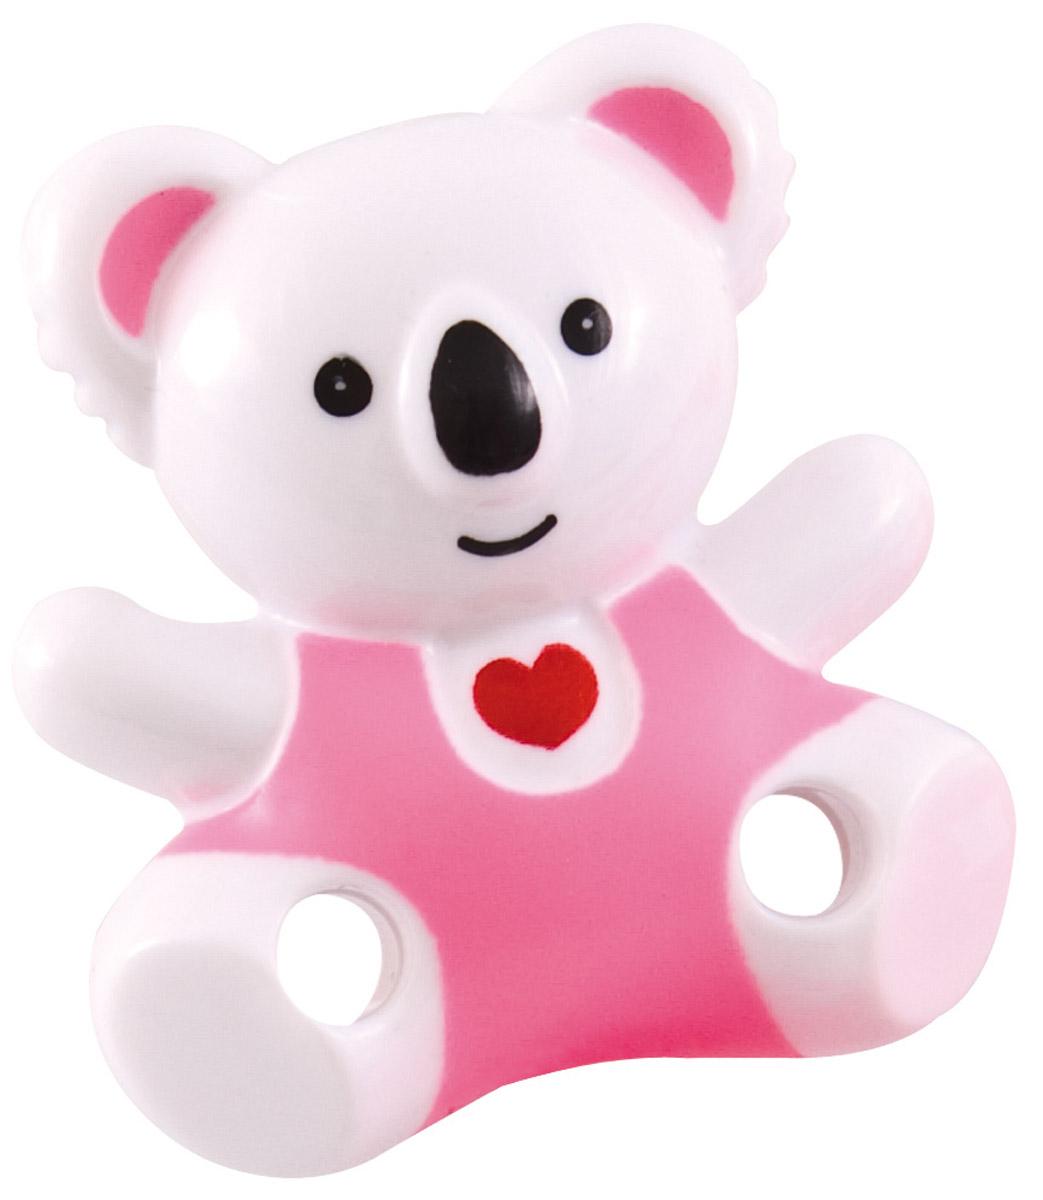 Canpol Babies Клипса-держатель для пустышки Медвежонок с сердечком цвет розовый canpol babies клипса держатель для пустышки самолетик